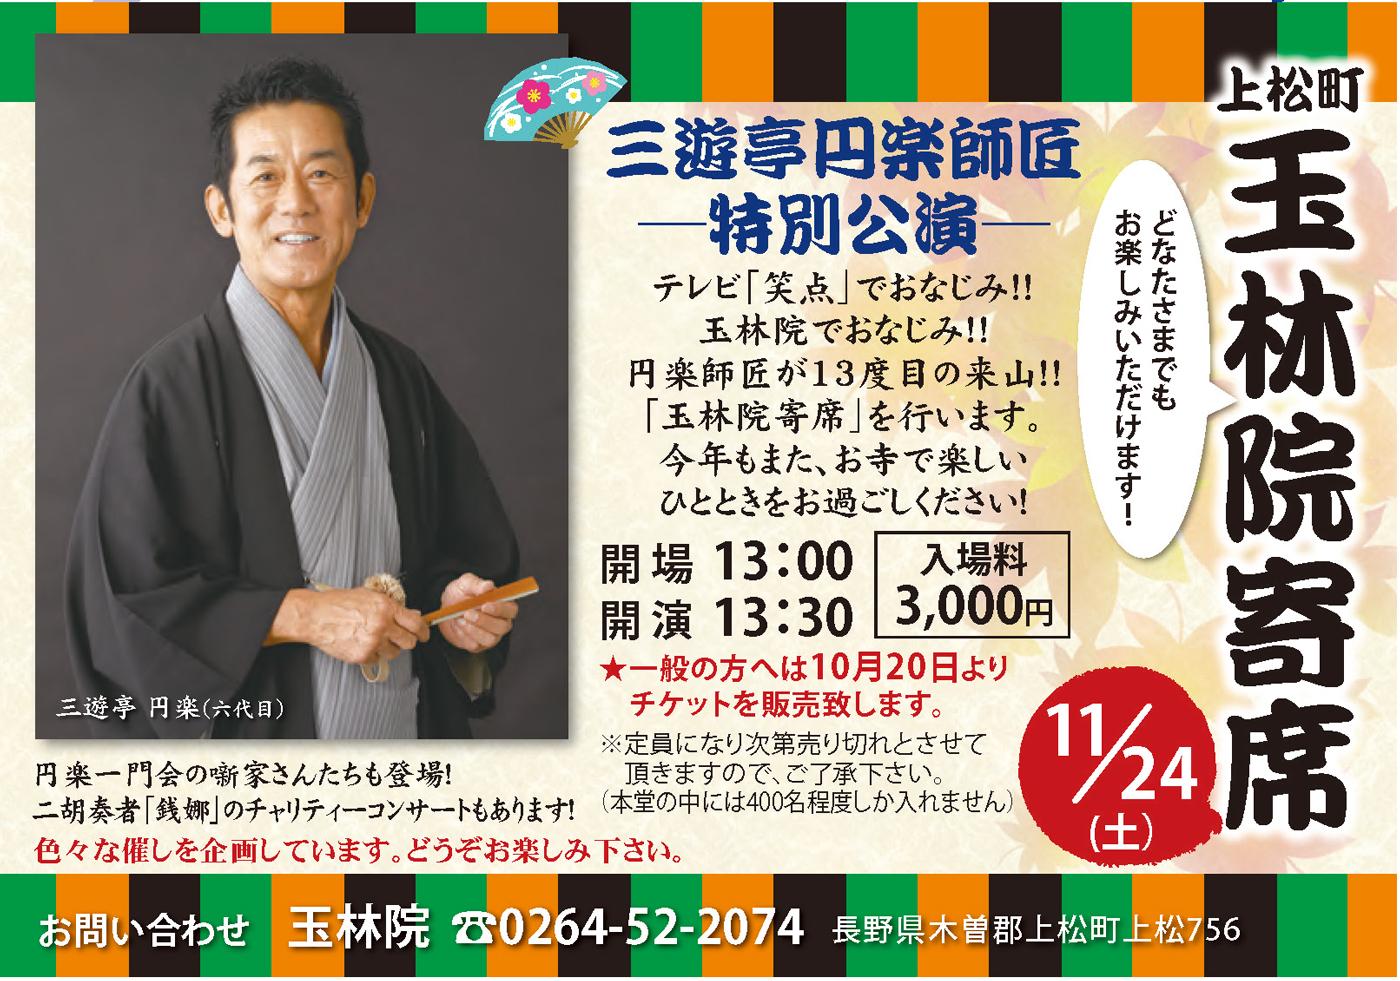 11/24 玉林院寄席 三遊亭円楽師匠 特別講演開催します!!